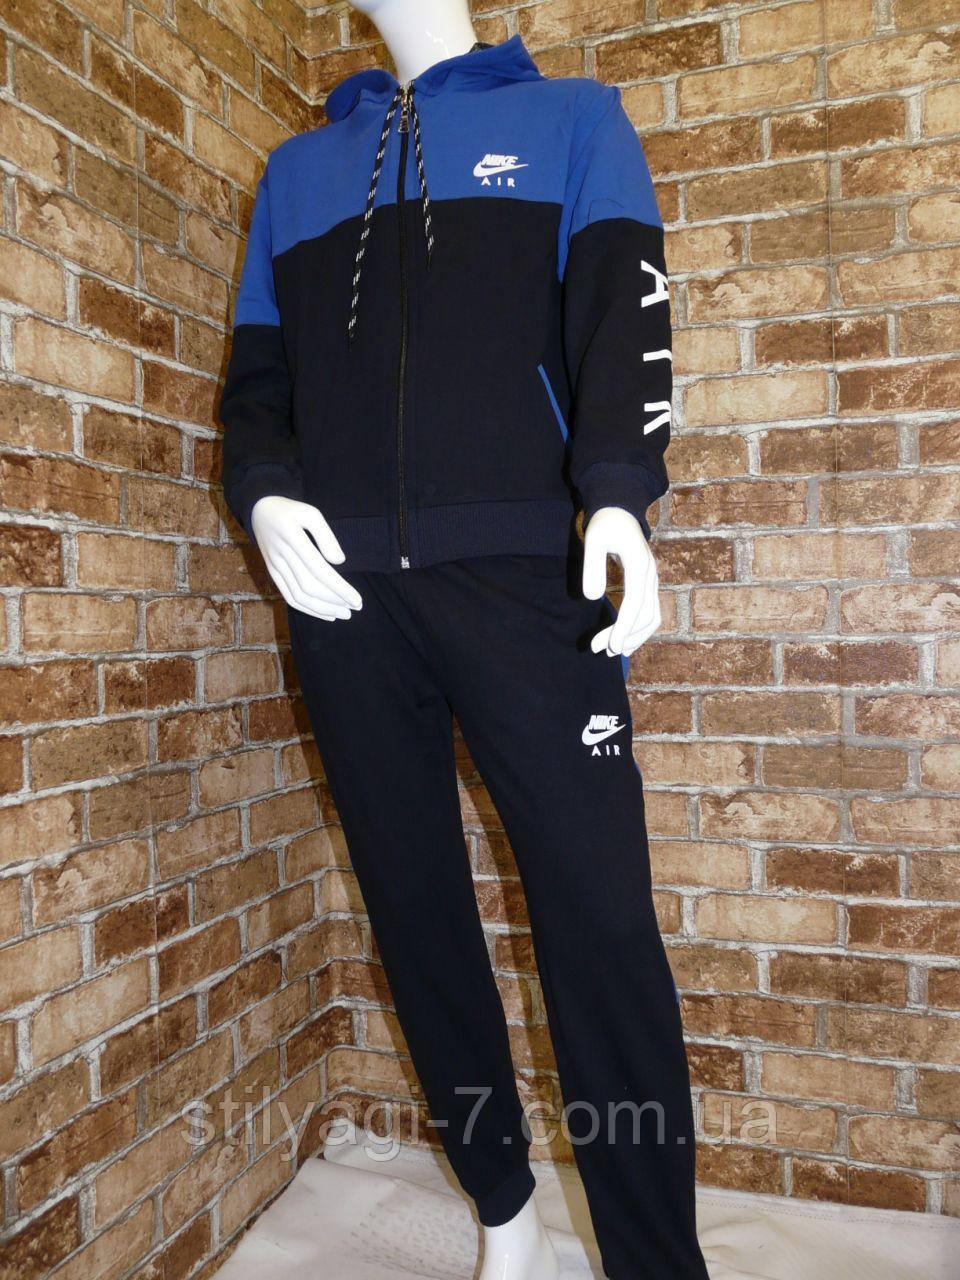 Спортивный костюм для мальчика 13-16 лет синего с черным цвета на змейке с капюшоном Nike оптом